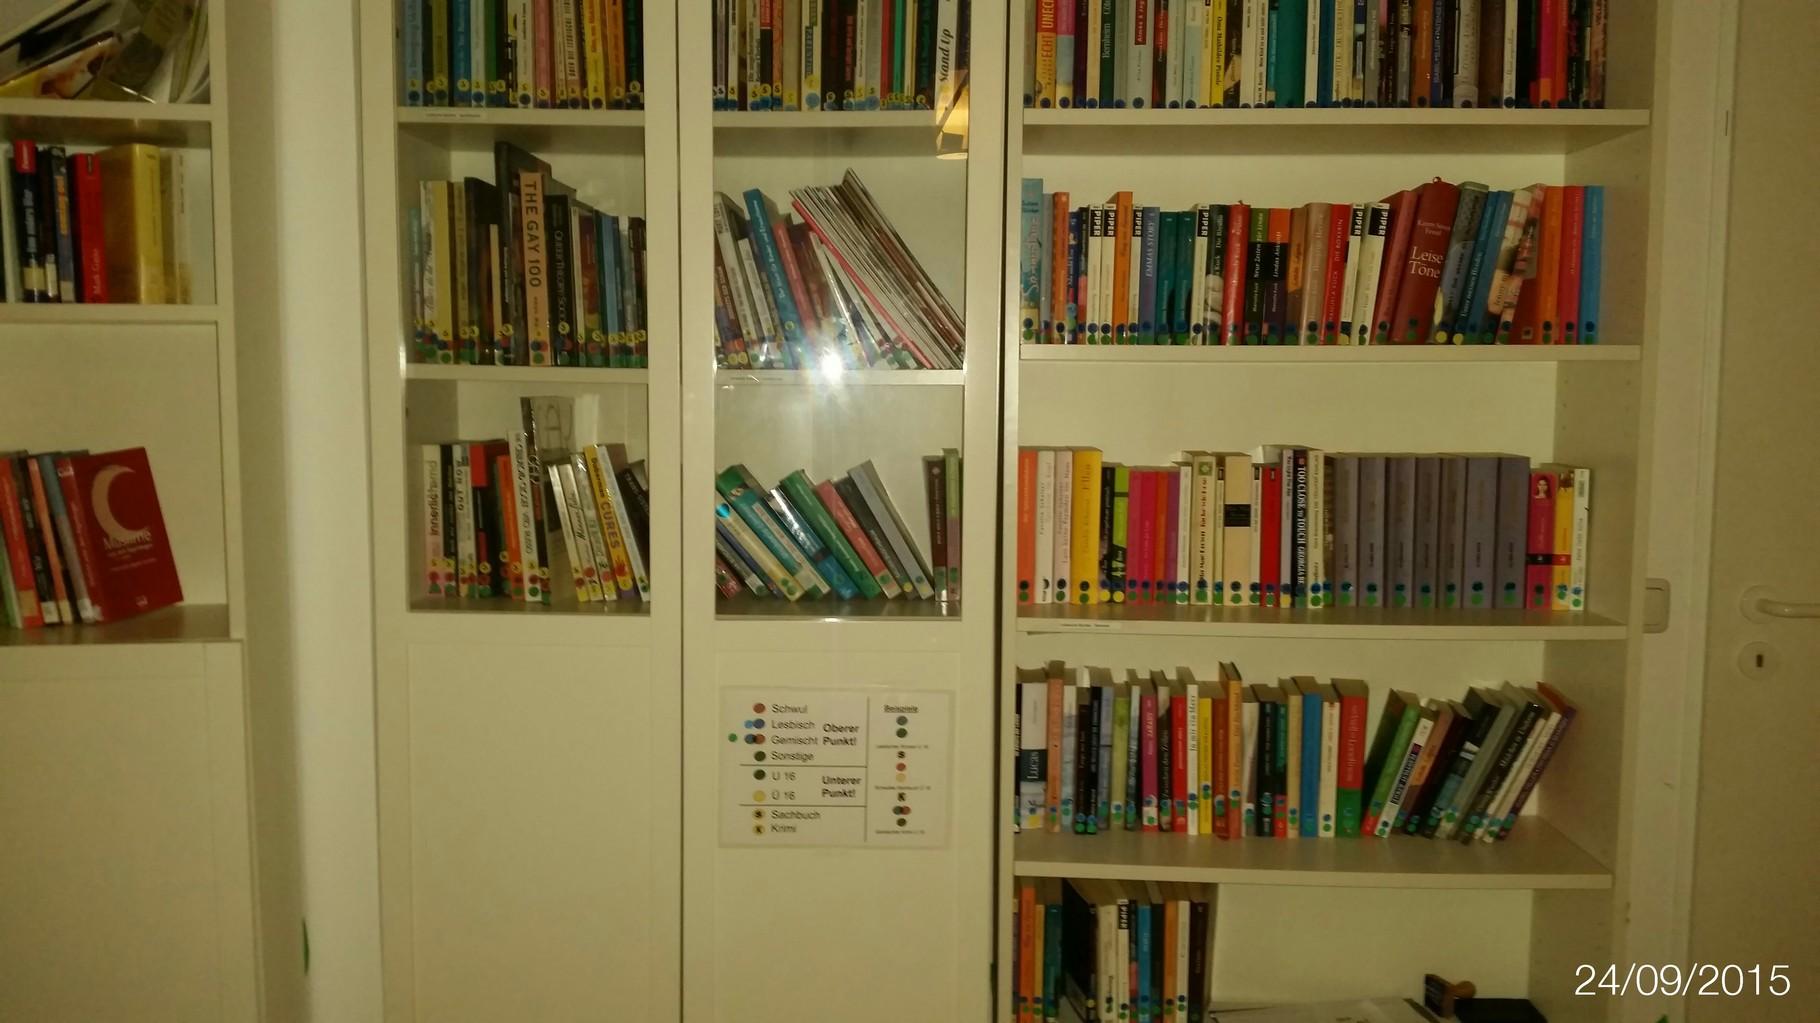 Die Bücherei des PULS. Riesige Auswahl von A - Z und natürlich nach schwul/lesbisch/andere Kategorien, sowie nach Altersklassen sortiert.